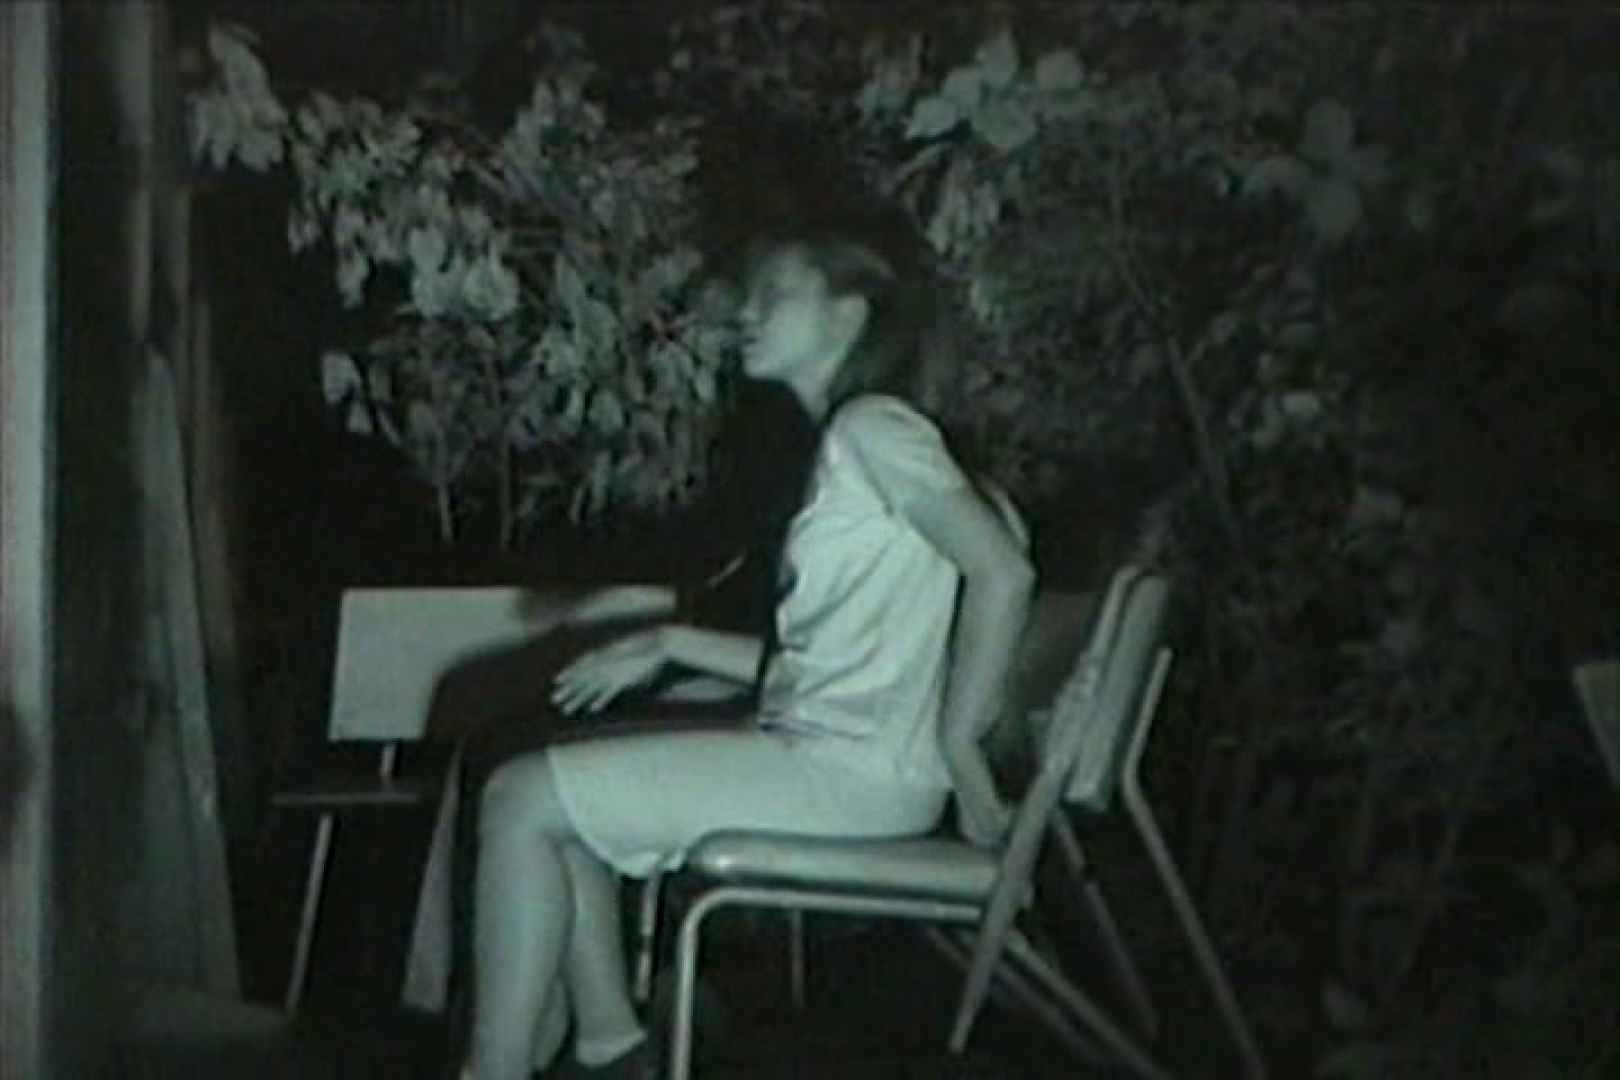 闇の仕掛け人 無修正版 Vol.25 美しいOLの裸体  102pic 38